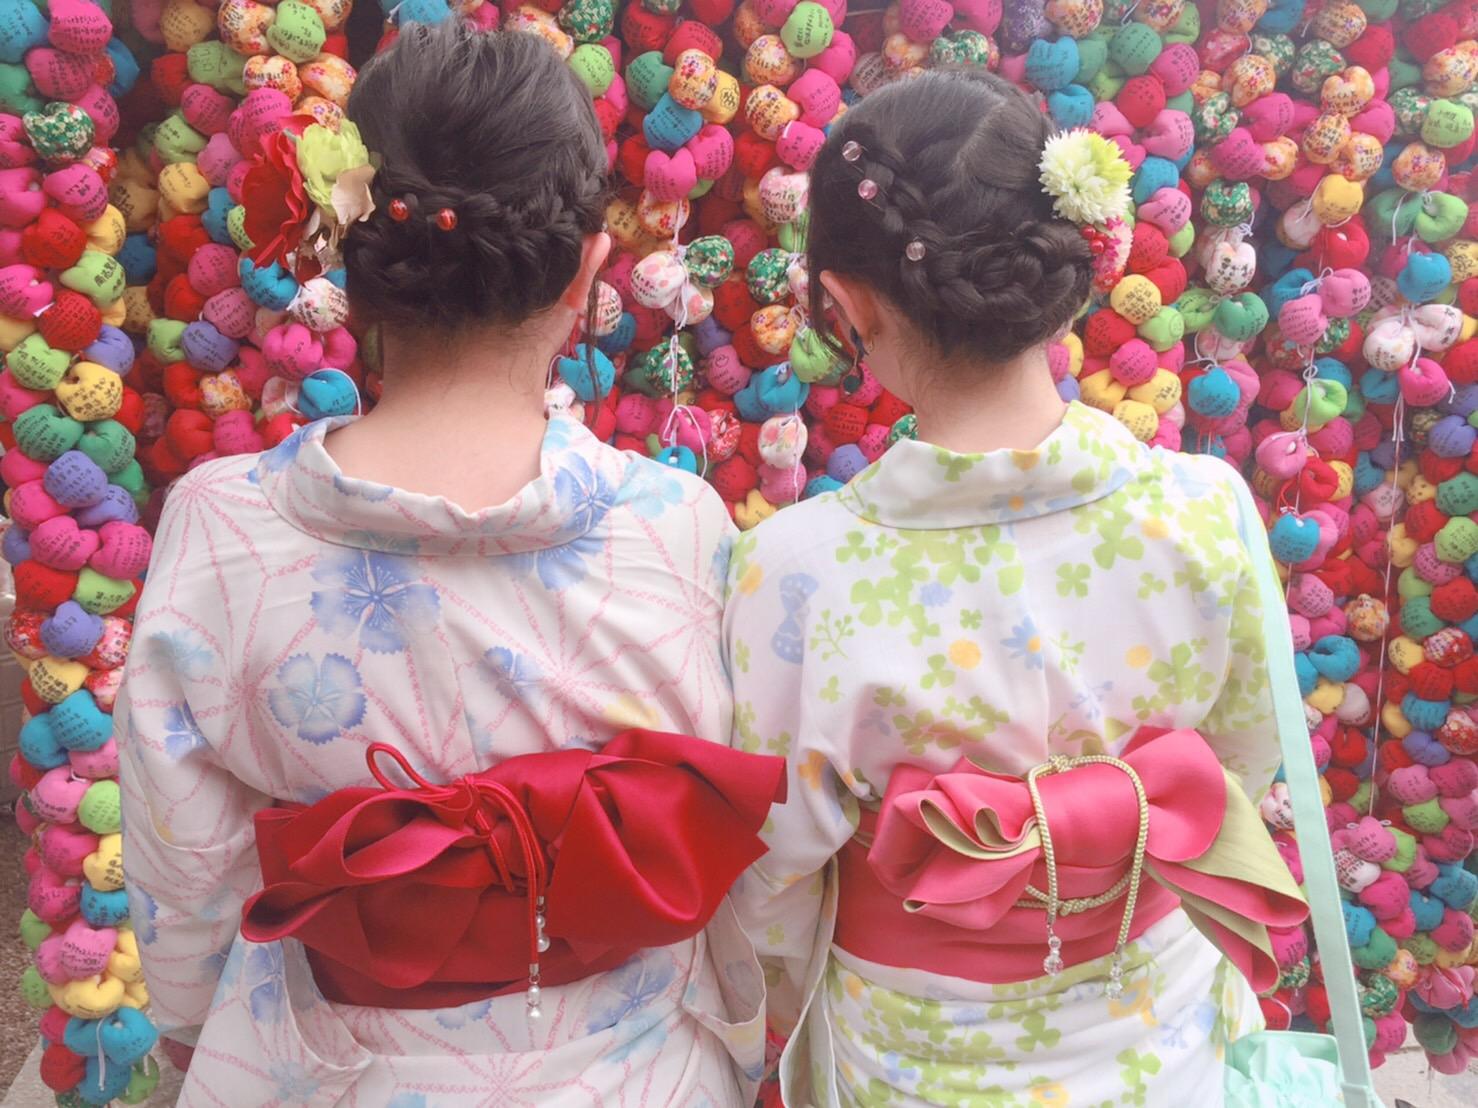 七夕はカップルで浴衣レンタル♡2019年7月7日7